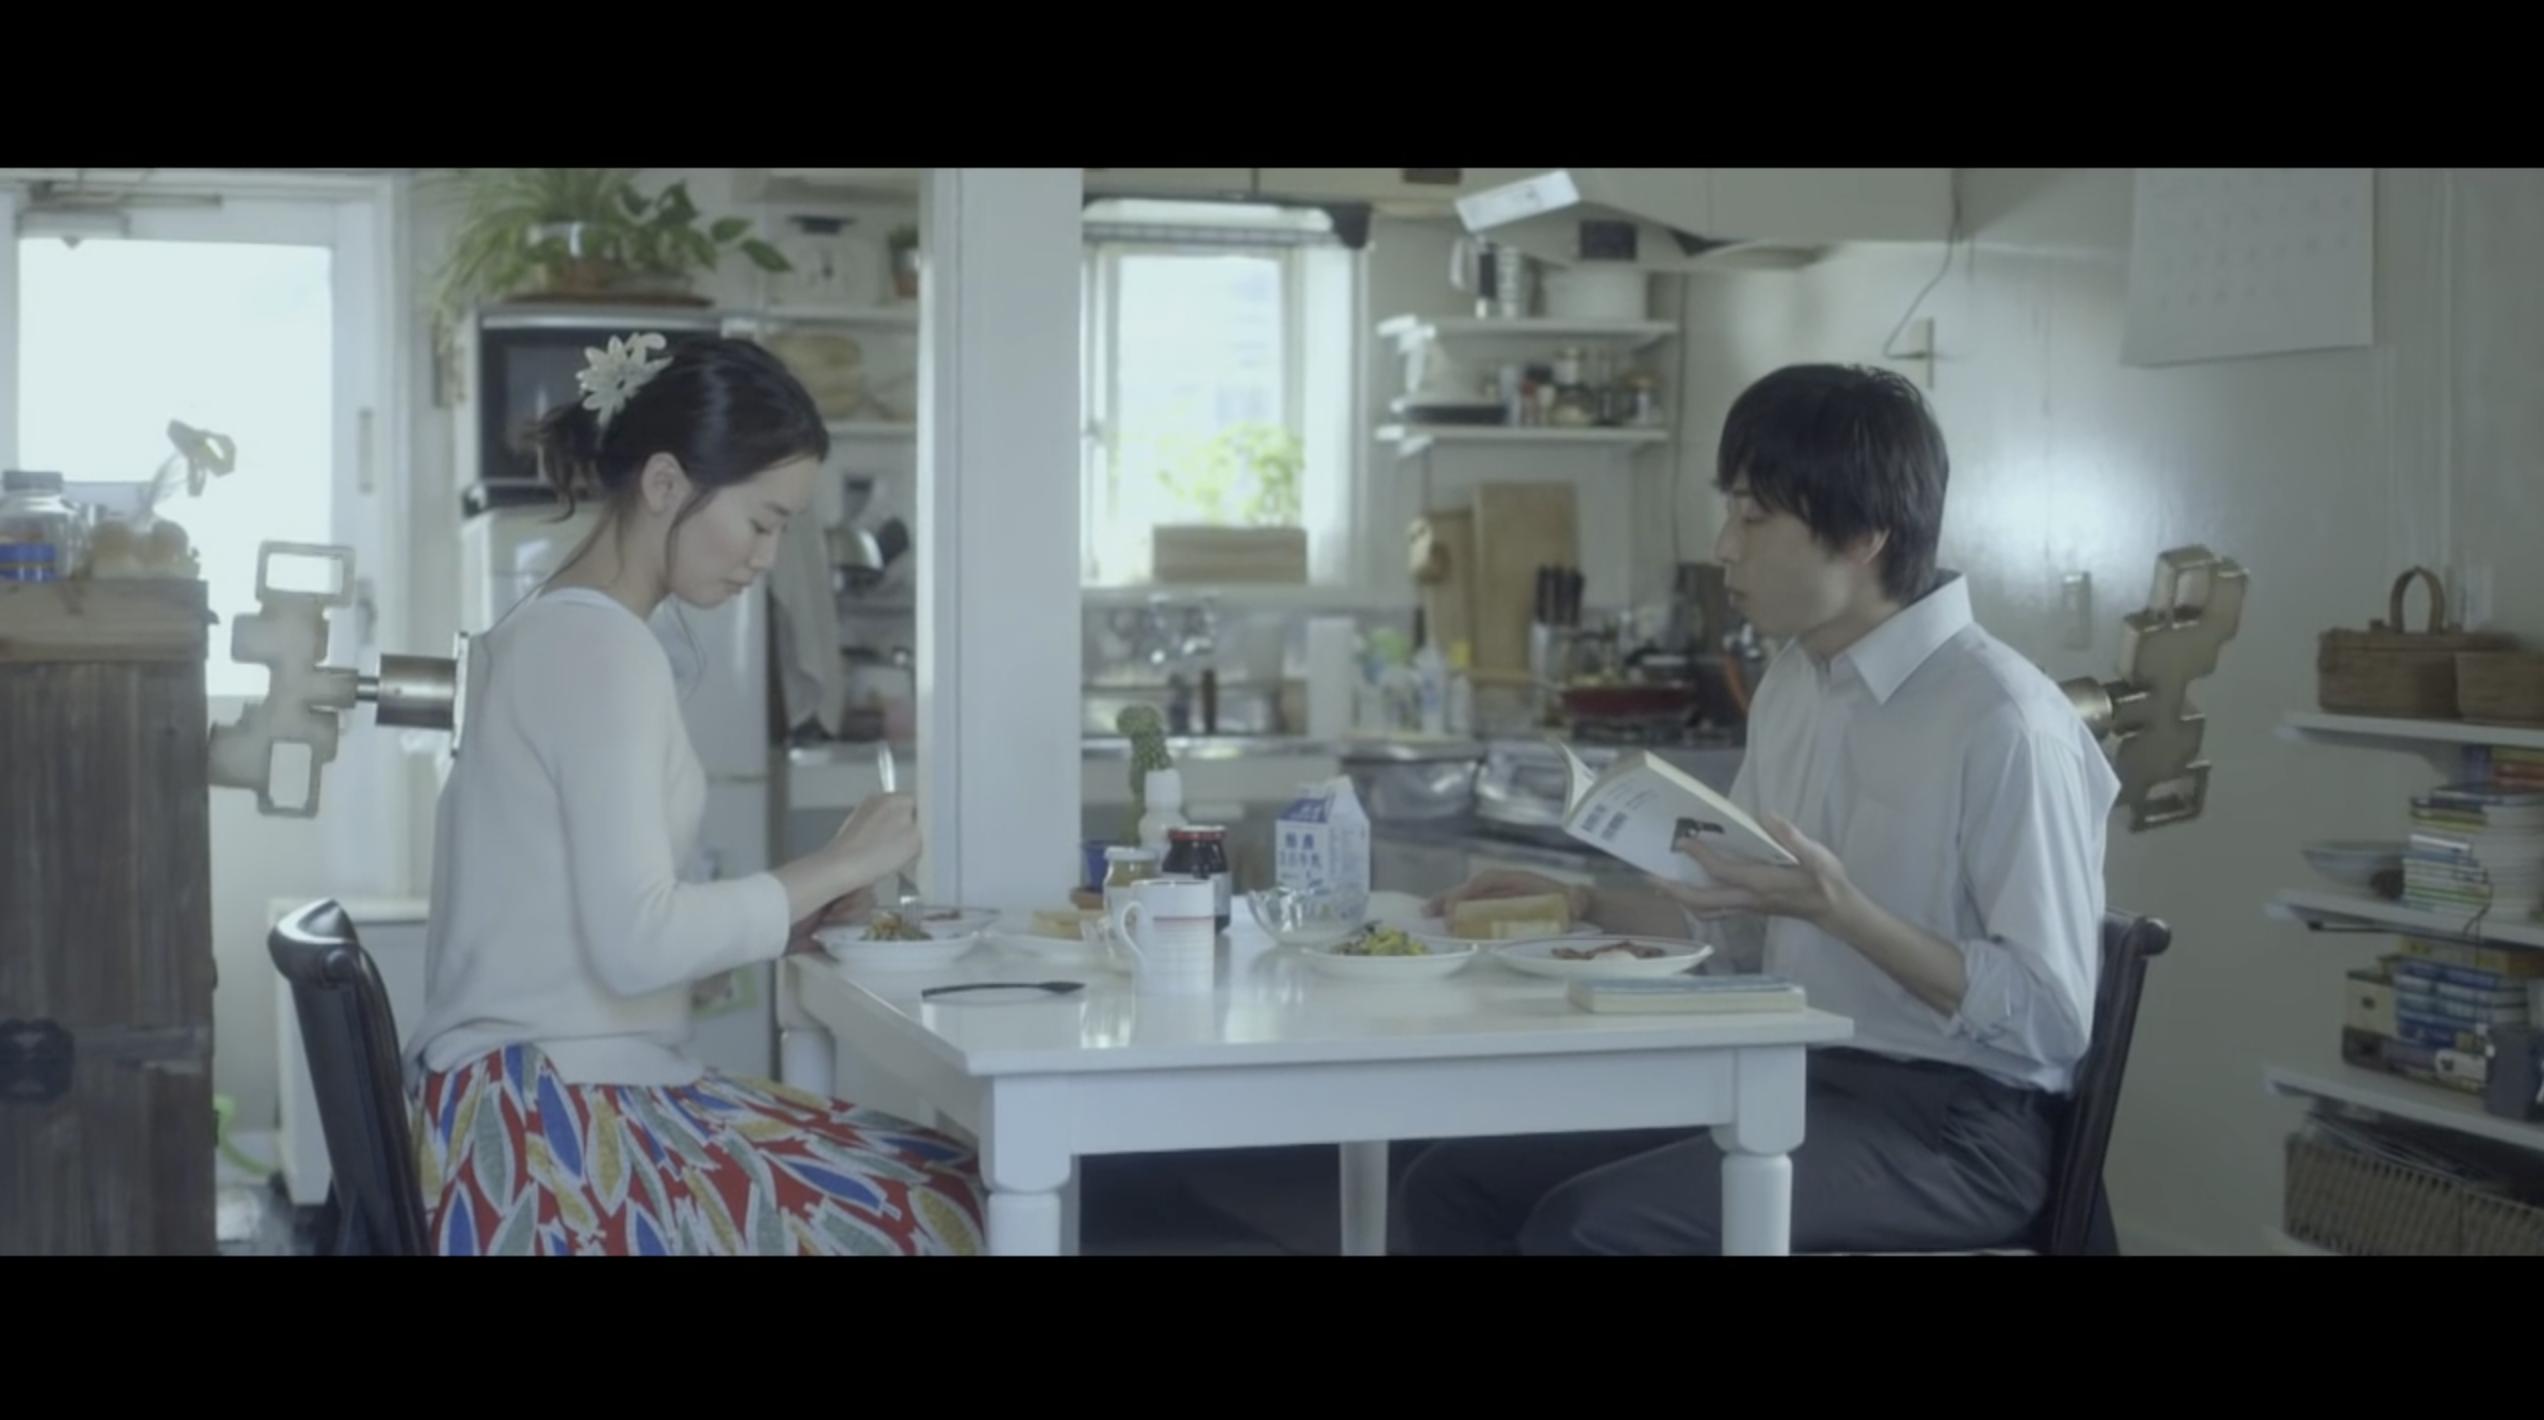 短編映画「ゼンマイ式夫婦」